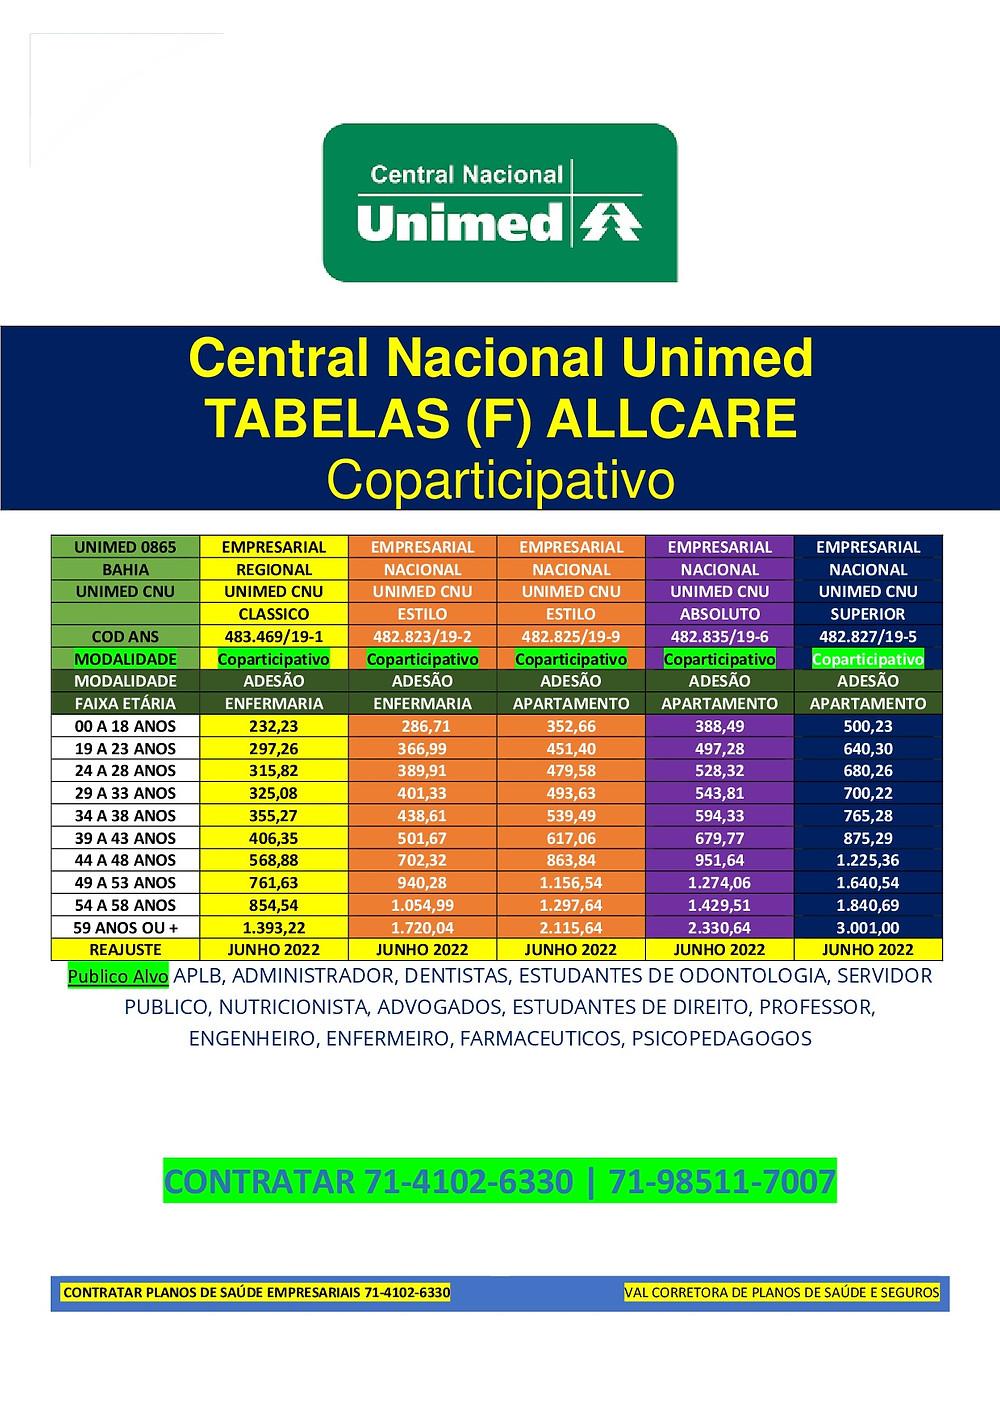 Unimed CNU - Tabelas de Valores   Planos de Saude Adesão